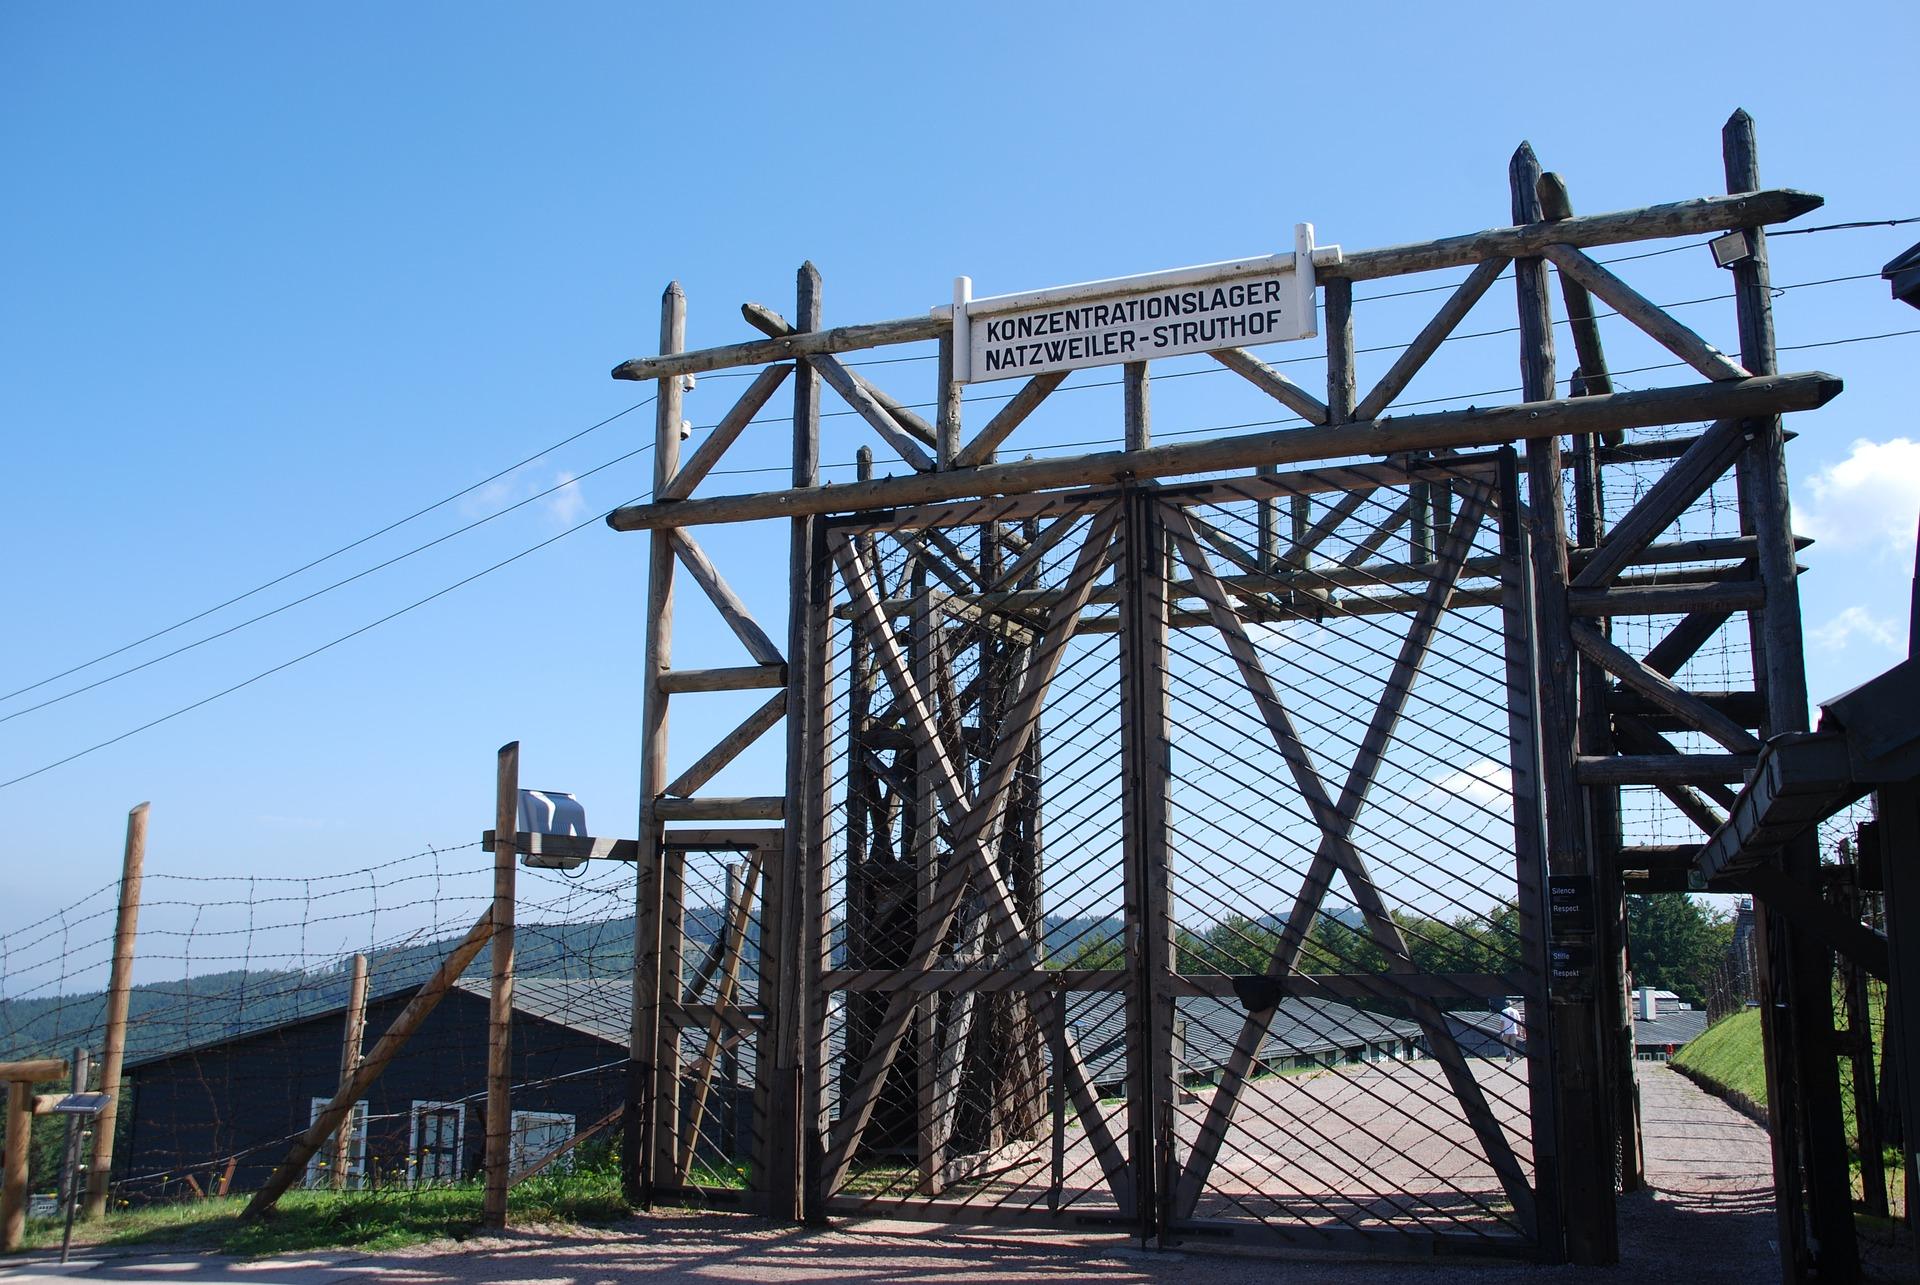 Camp de concentration Natzweiler Struthof (photo)